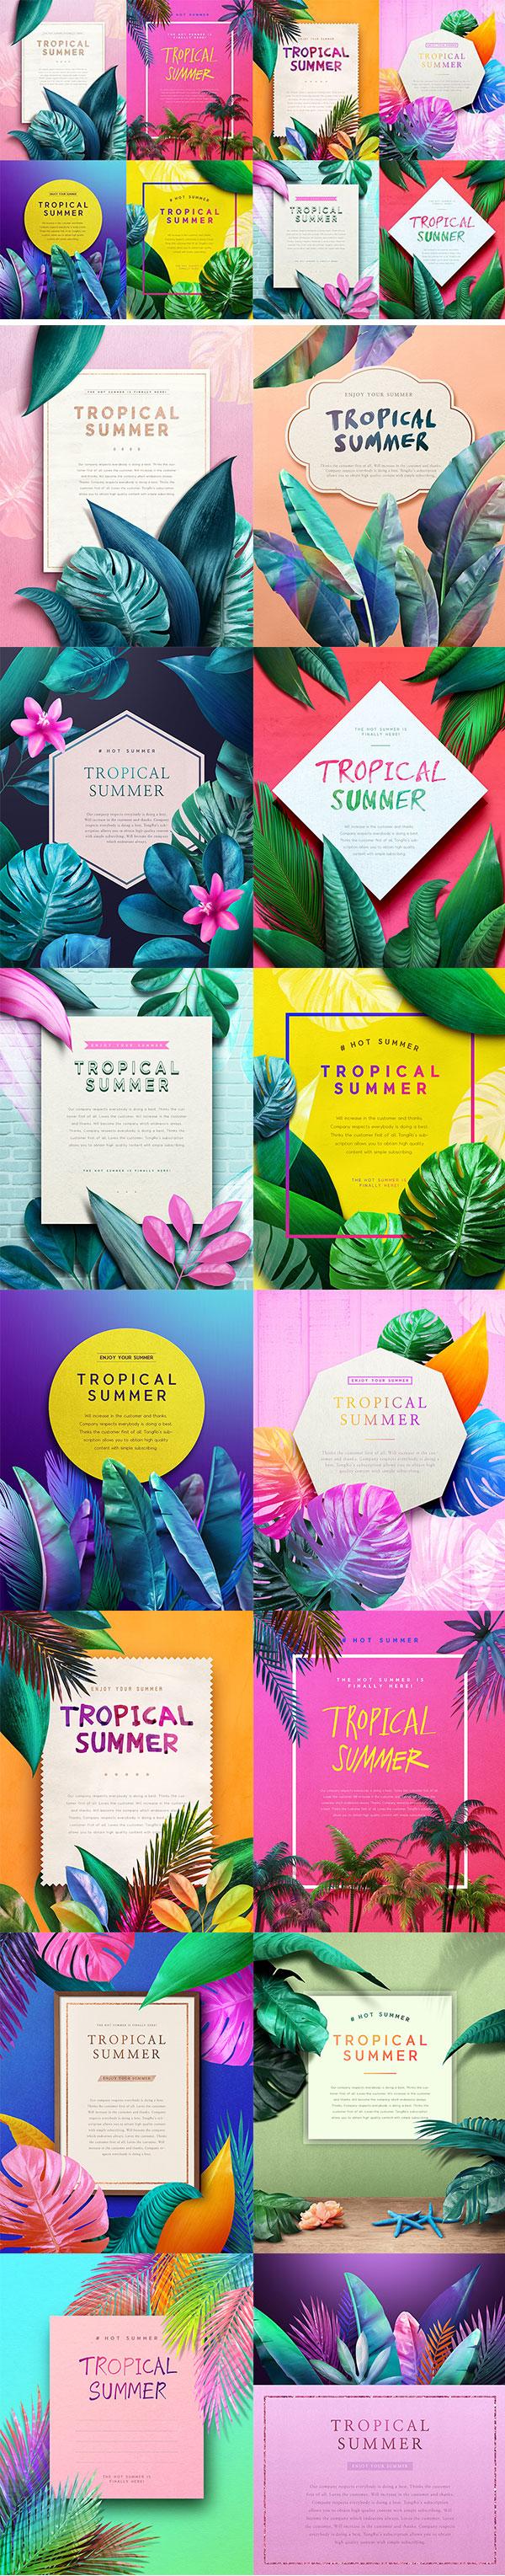 热带夏季促销海报